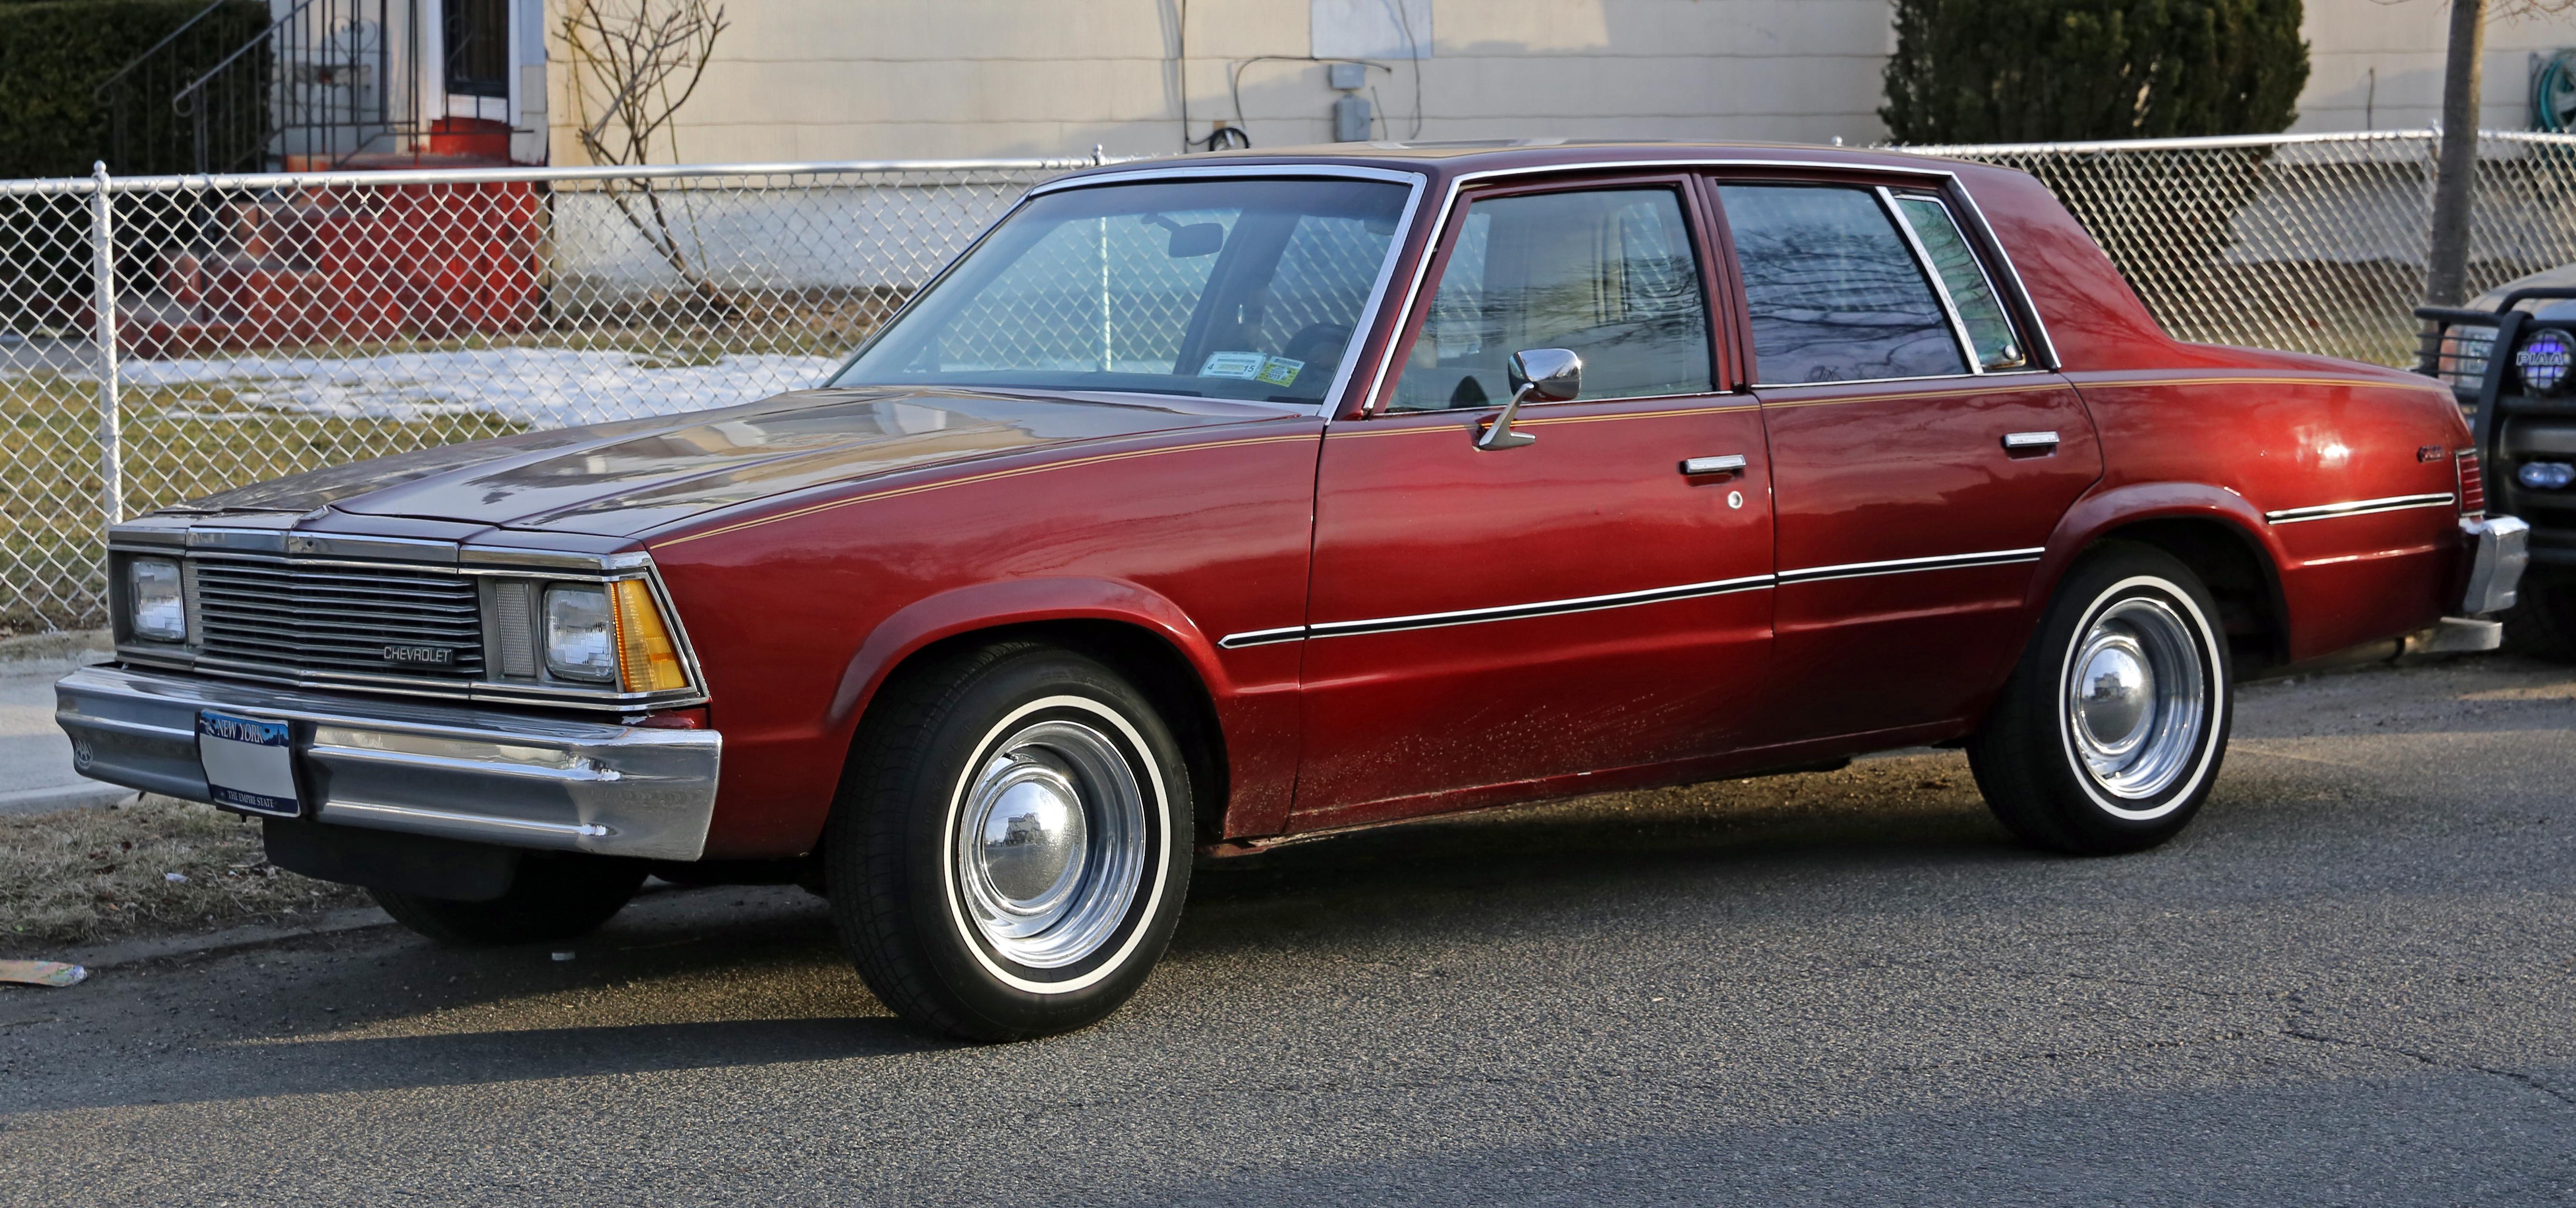 Chevrolet Malibu IV 1978 - 1983 Sedan #4